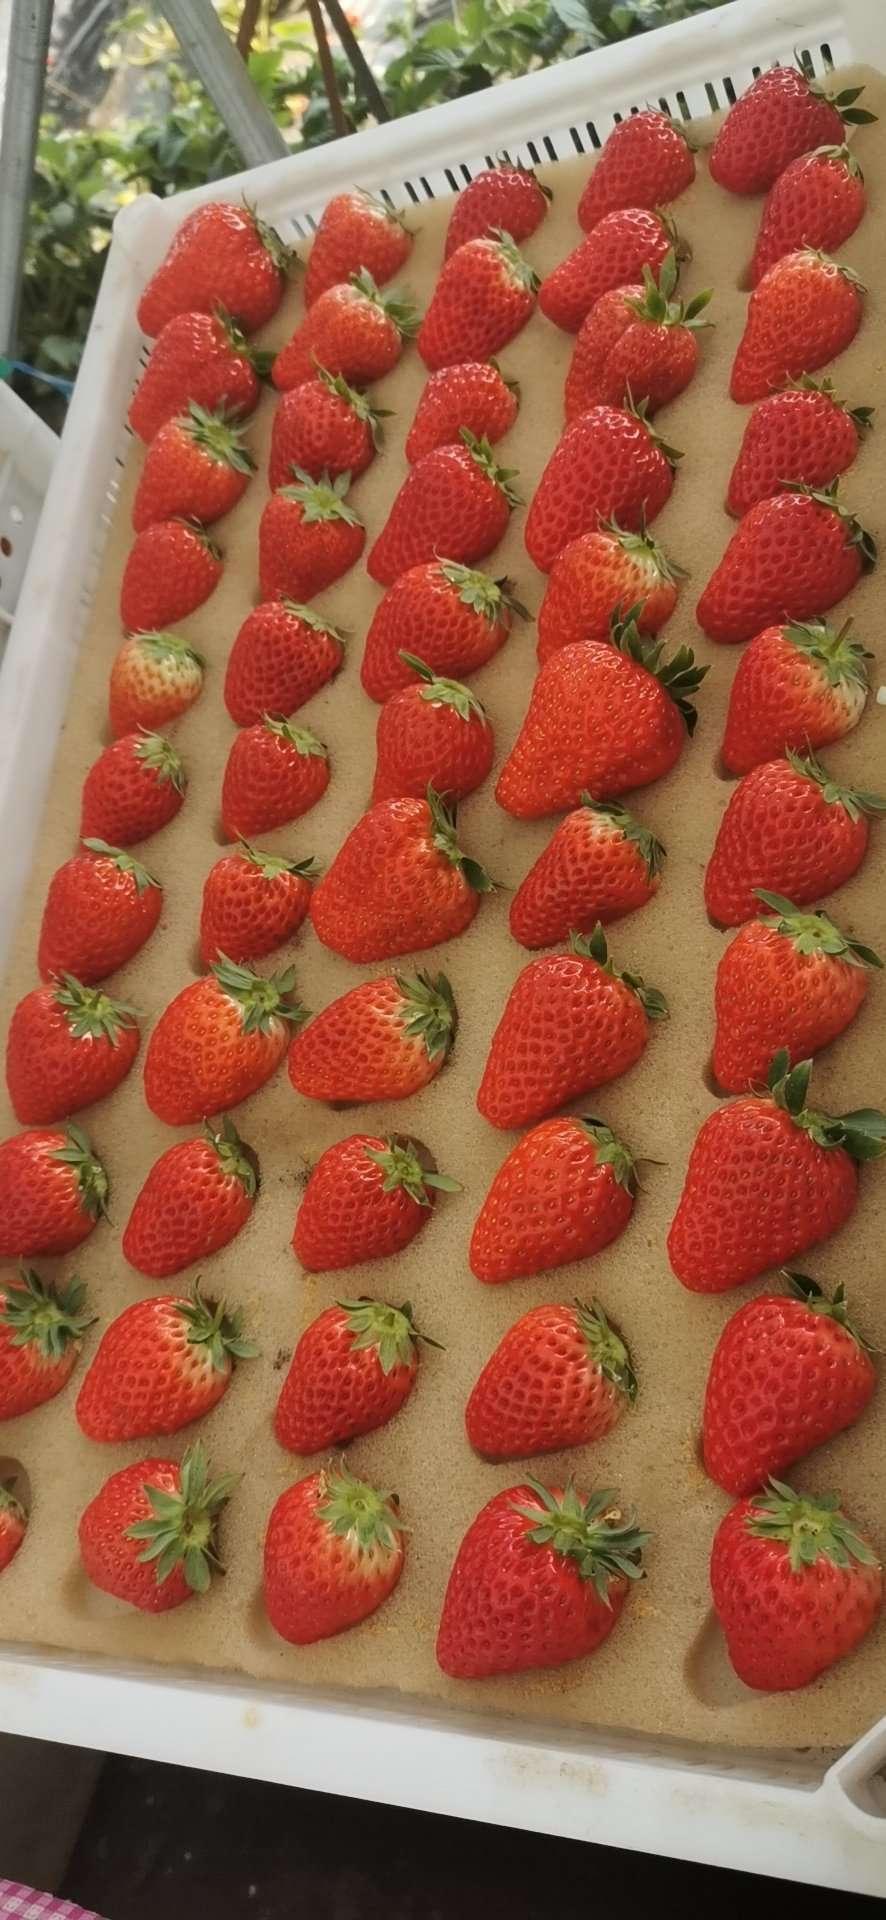 中卫吉早红草莓苗的特性